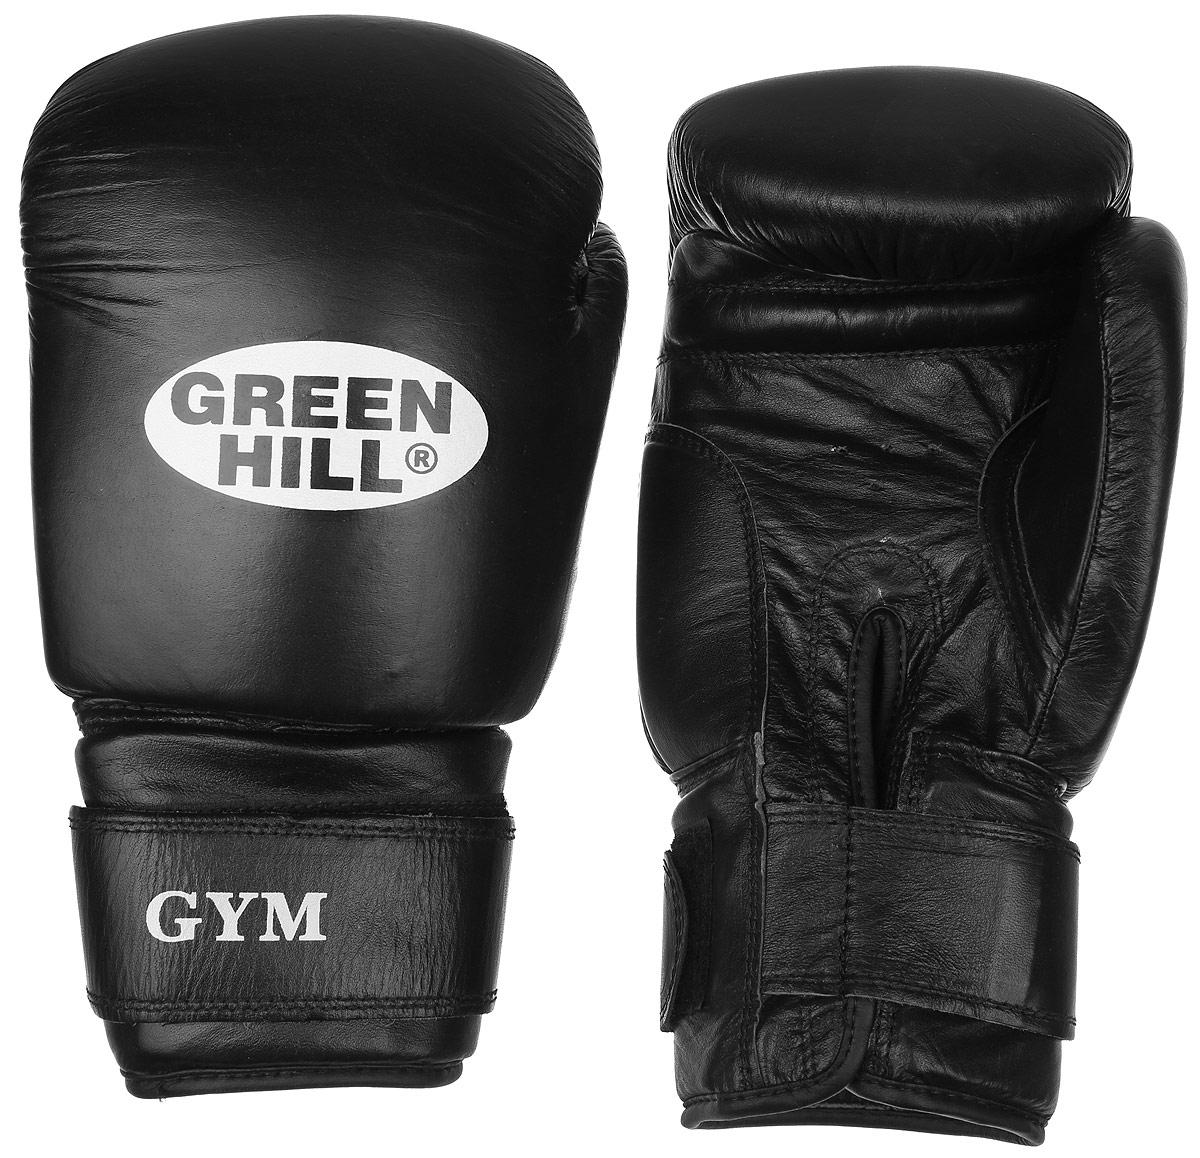 Перчатки боксерские Green Hill Gym, цвет: черный, белый. Вес 18 унцийAIRWHEEL Q3-340WH-BLACKБоксерские перчатки Green Hill Gym подходят для всех видов единоборств где применяют перчатки. Подойдет как для бокса, так и для кикбоксинга. Новички и профессионалы высоко ценят эту модель за универсальность. Верхняя часть перчатки выполнена из натуральной кожи, наполнитель - пенополиуретан. Перфорированная поверхность в области ладони позволяет создать максимально комфортный терморежим во время занятий. Закрепляется на руке при помощи липучки.